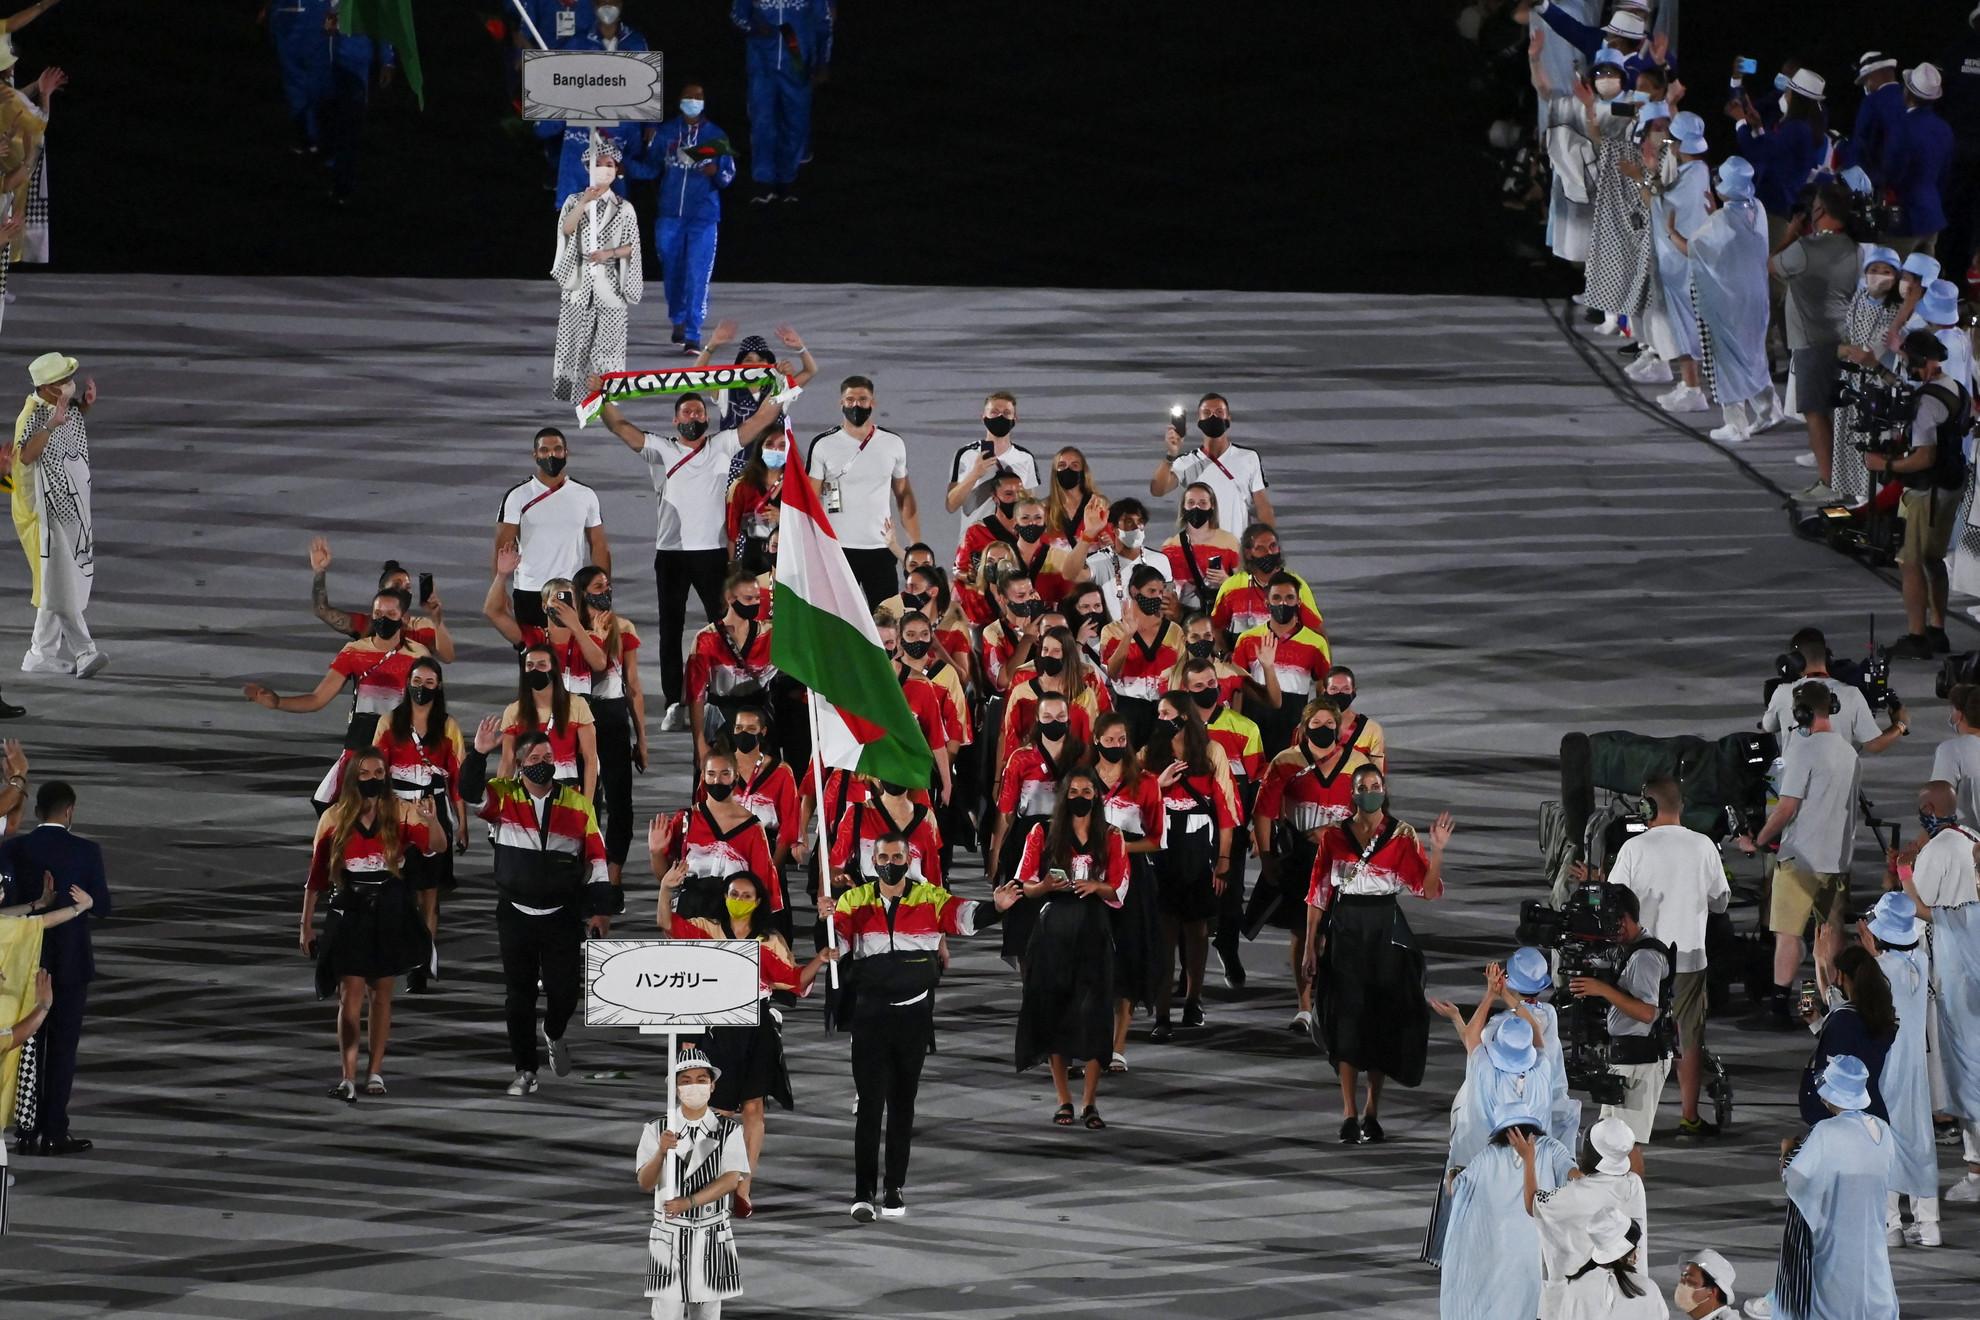 Mohamed Aida hétszeres olimpikon, világbajnoki ezüstérmes, Európa-bajnok tőrvívó és Cseh László olimpiai ezüst- és bronzérmes, világ- és Európa-bajnok úszó viszi a nemzeti zászlót a magyar csapat élén